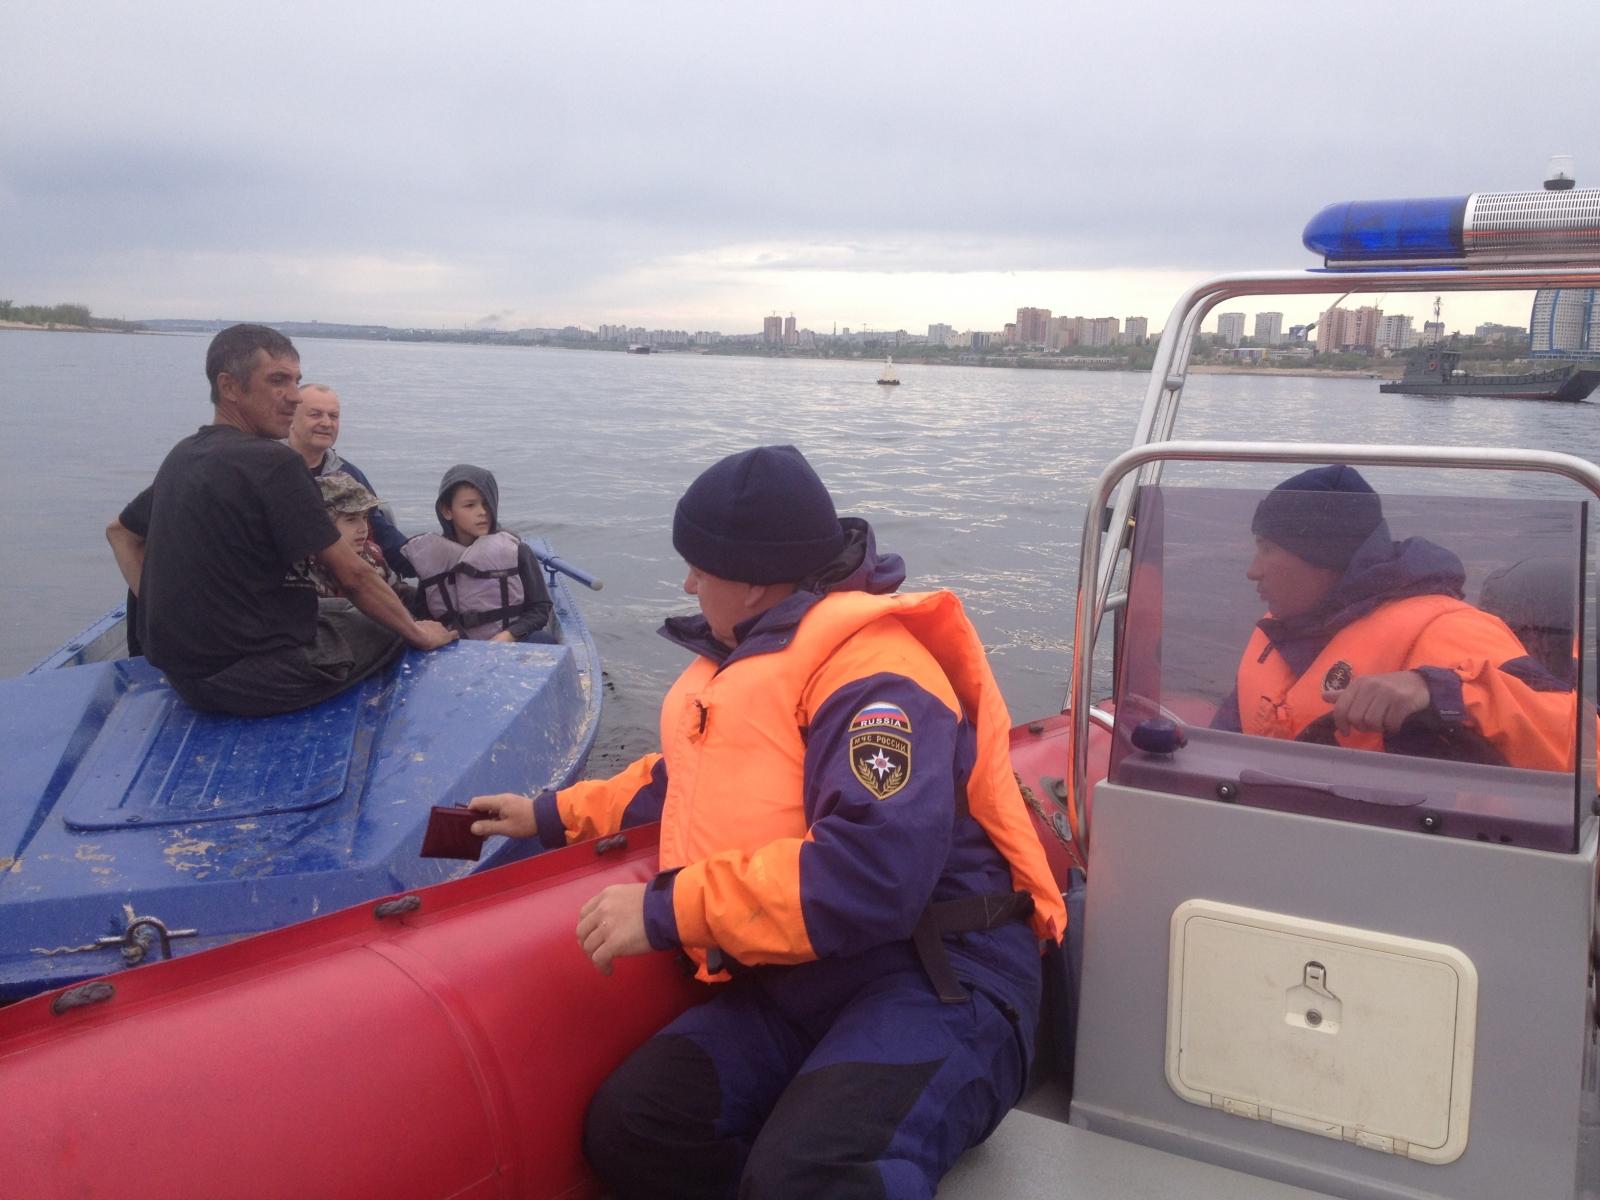 Владельцам маломерных судов и их пассажирам стоит вспомнить о правилах безопасного поведении во время отдыха на воде